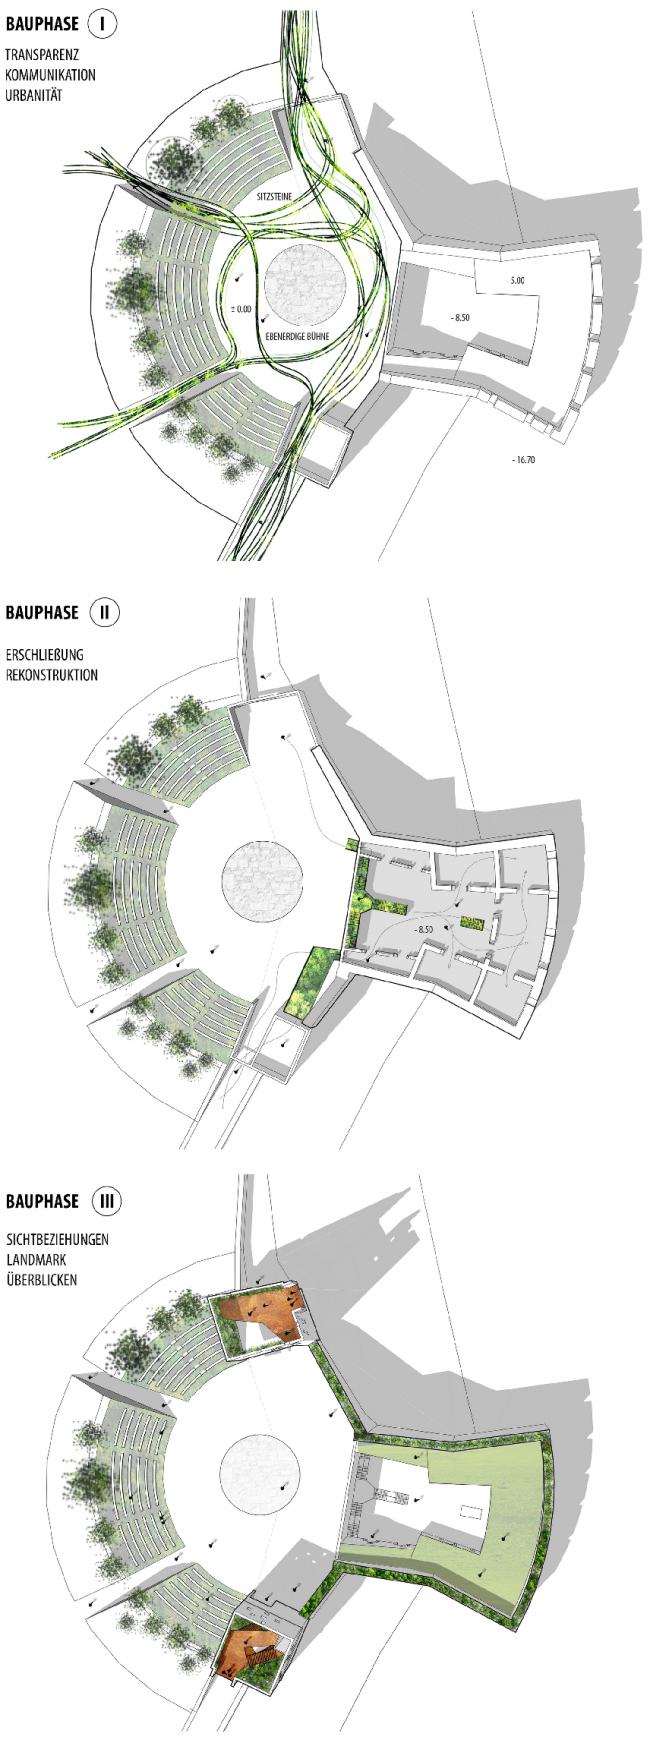 Планы. Проект «Крепость Кобленц – Новые возможности свободных пространств». © Автор: Элизабет Пабст